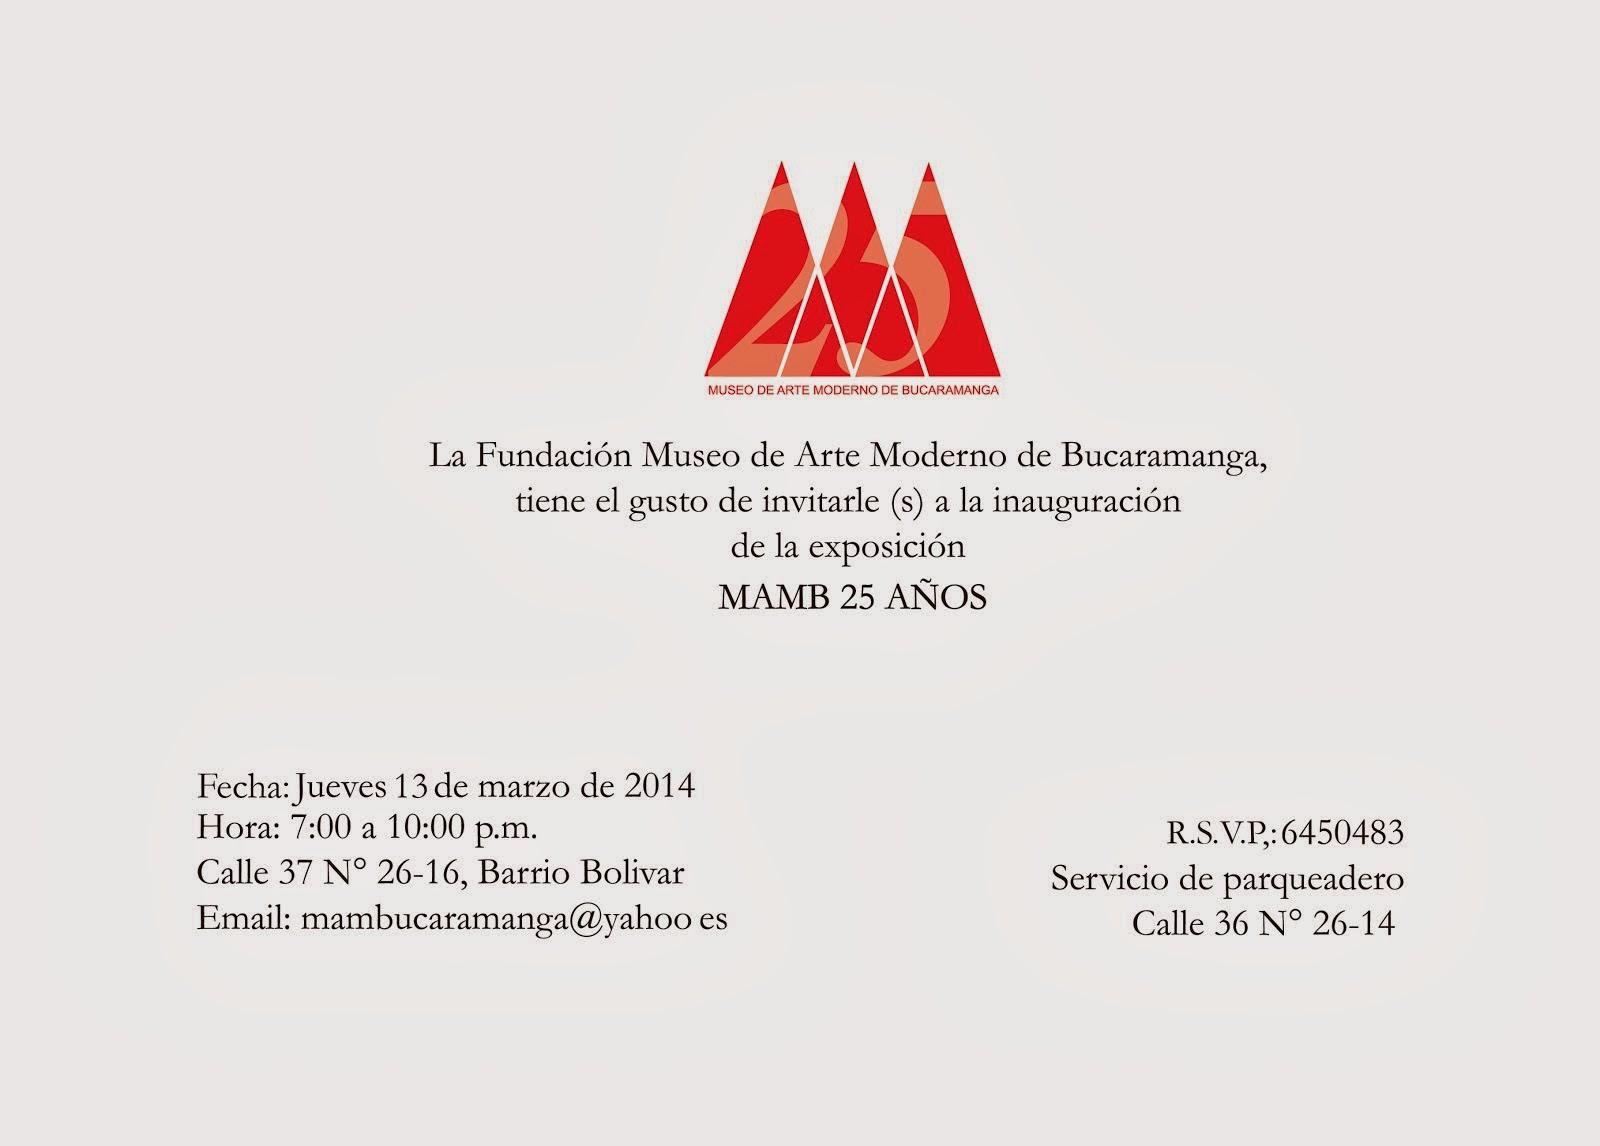 TARJETAS INVITACIÓN AGENDA EXPOSITIVA 2014